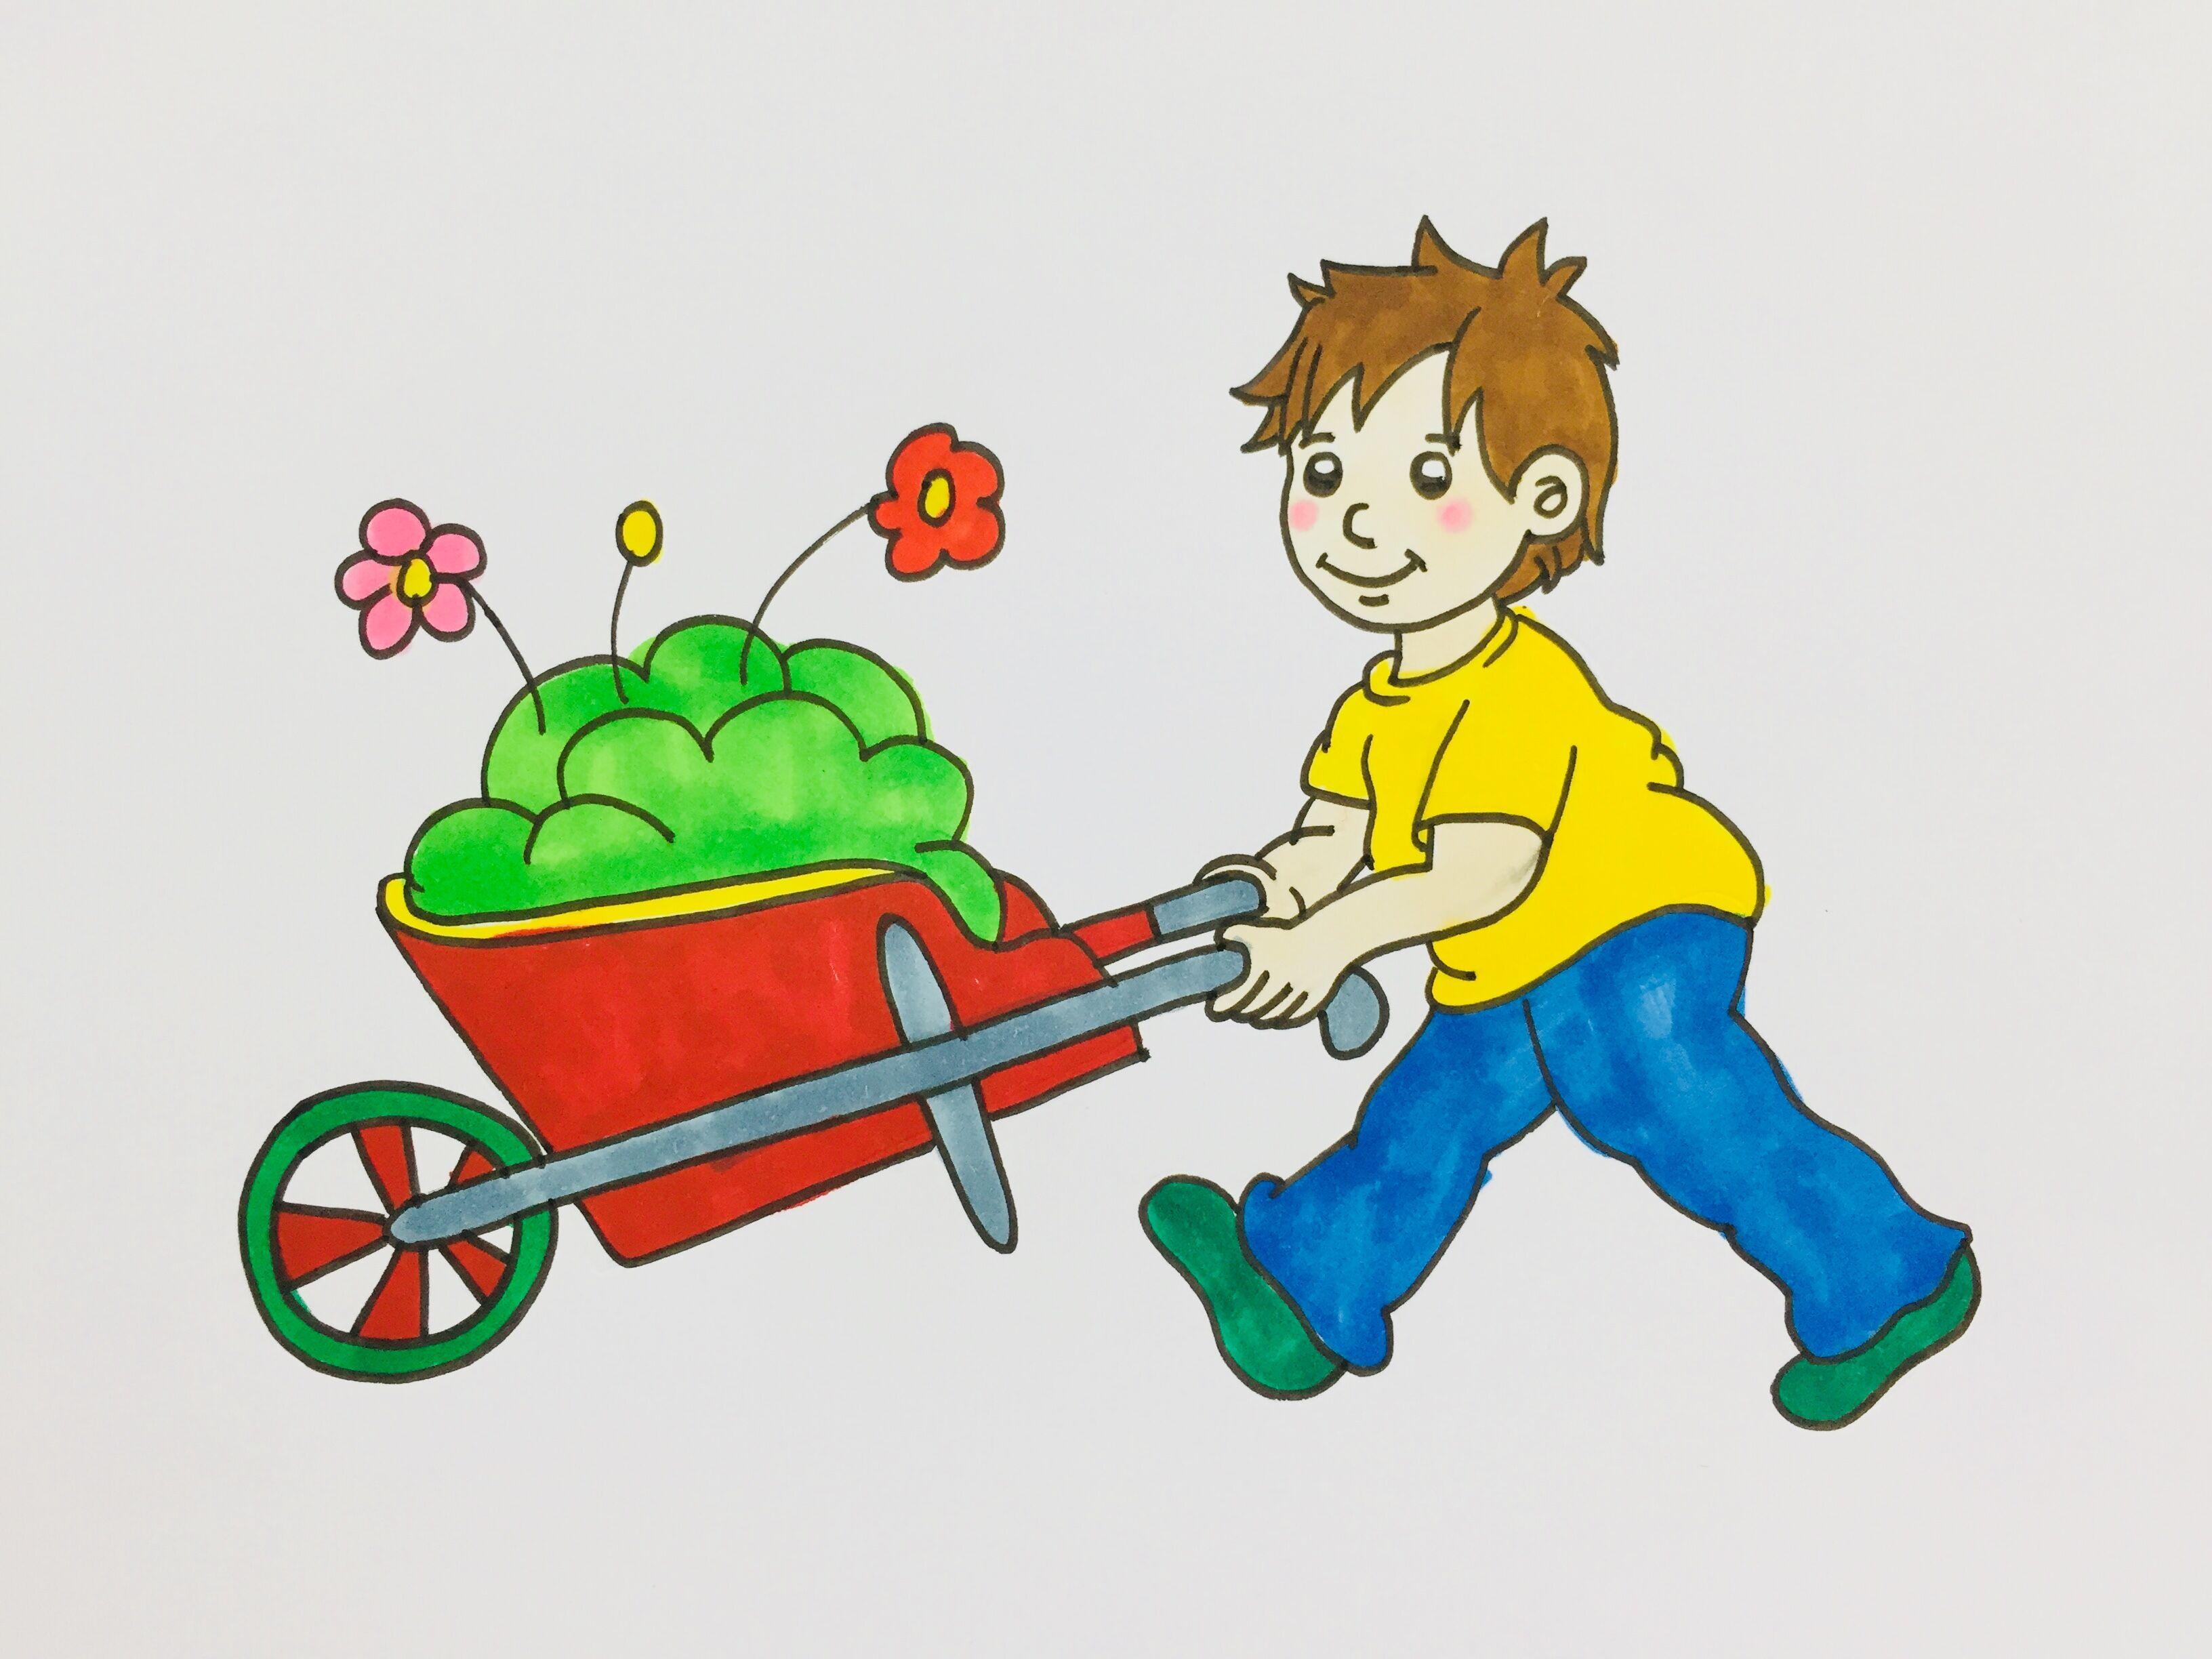 5月1日劳动节简笔画,手绘五一劳动节简笔画图片